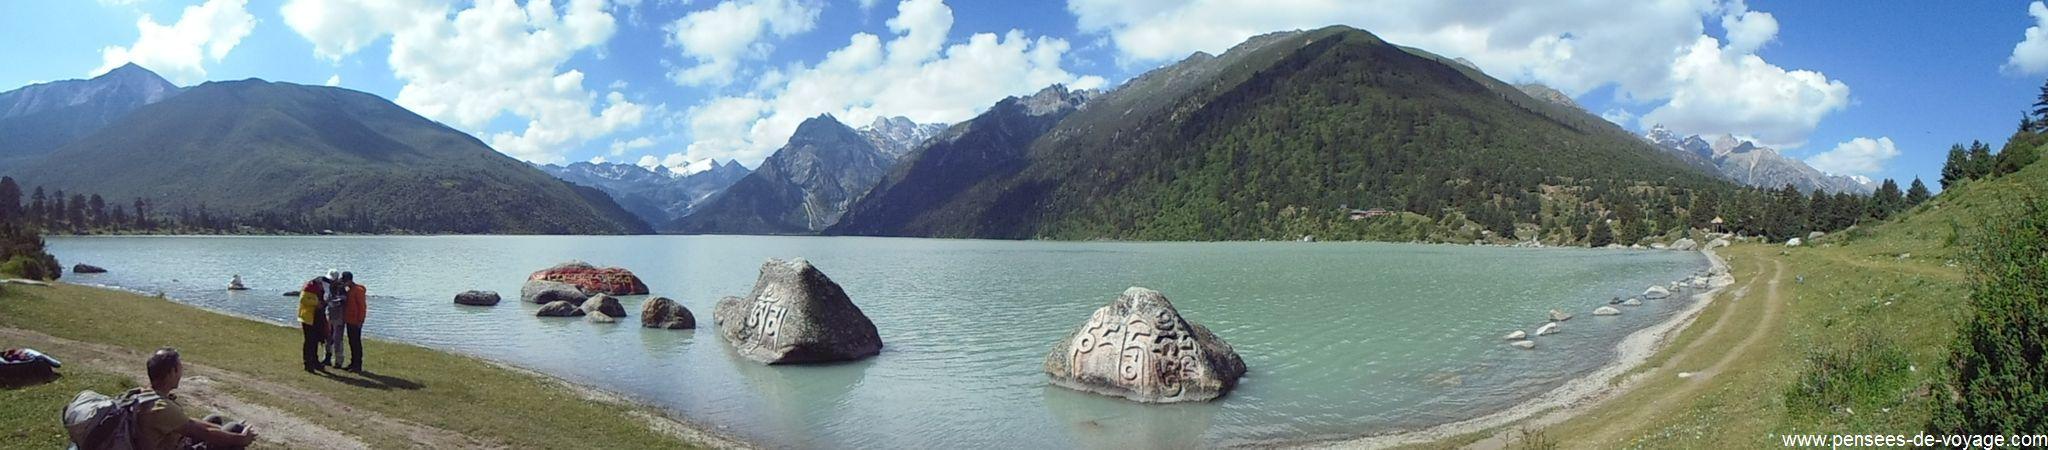 lac XinluHai tibet amdo